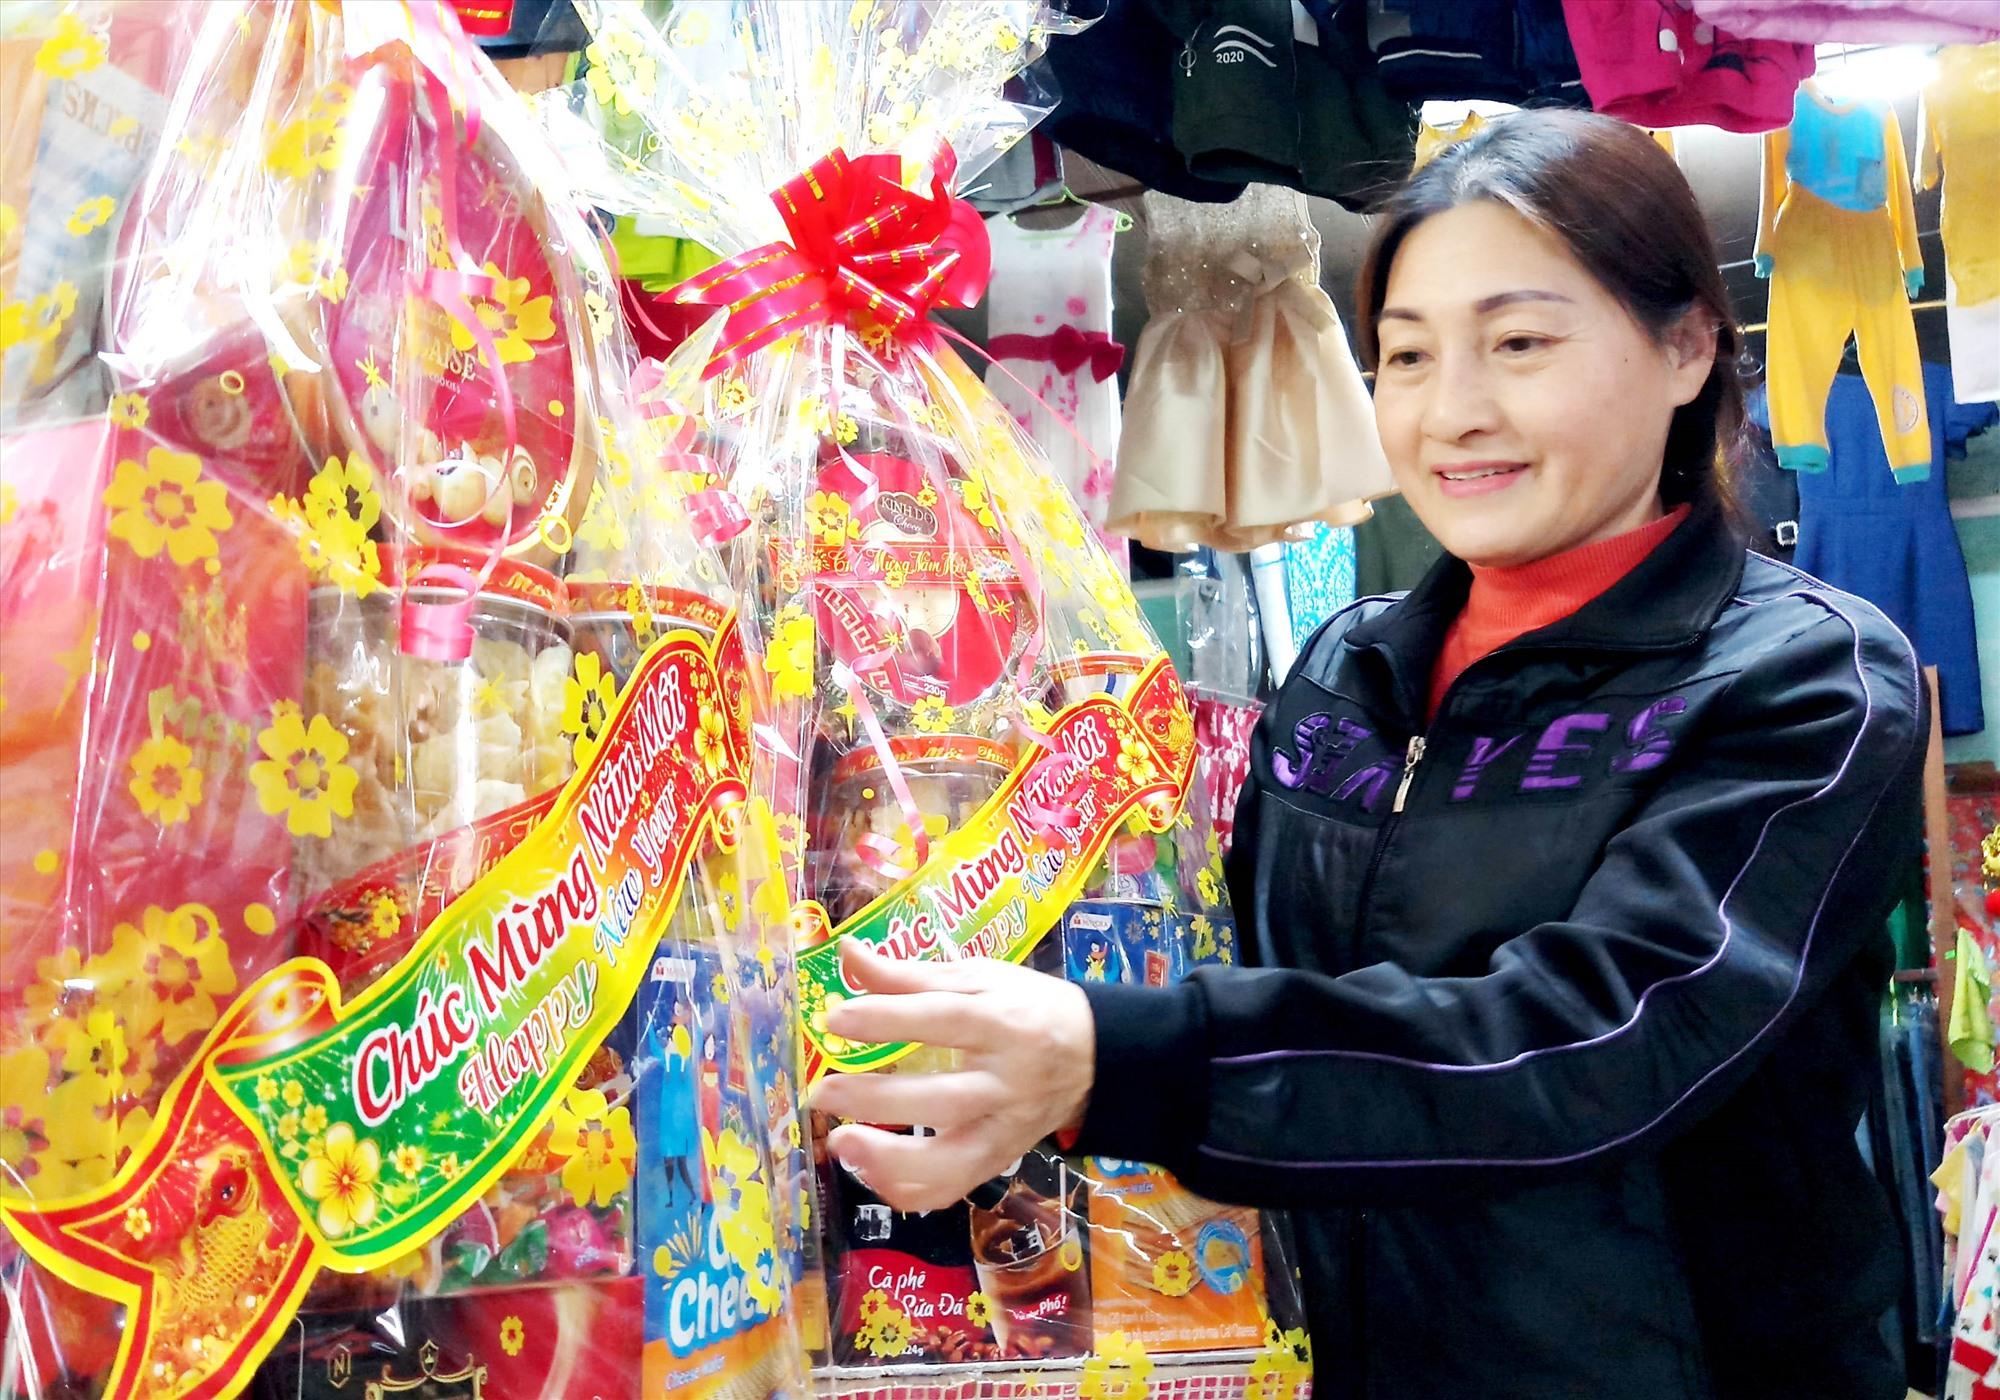 Vắng khách, thời gian gần đây, bà Nguyễn Thị Sâm - chủ tạp hóa Sâm Thông nhận gói những giỏ bánh kẹo được cơ quan, đơn vị đặt làm quà biếu. Ảnh: ĐĂNG NGUYÊN